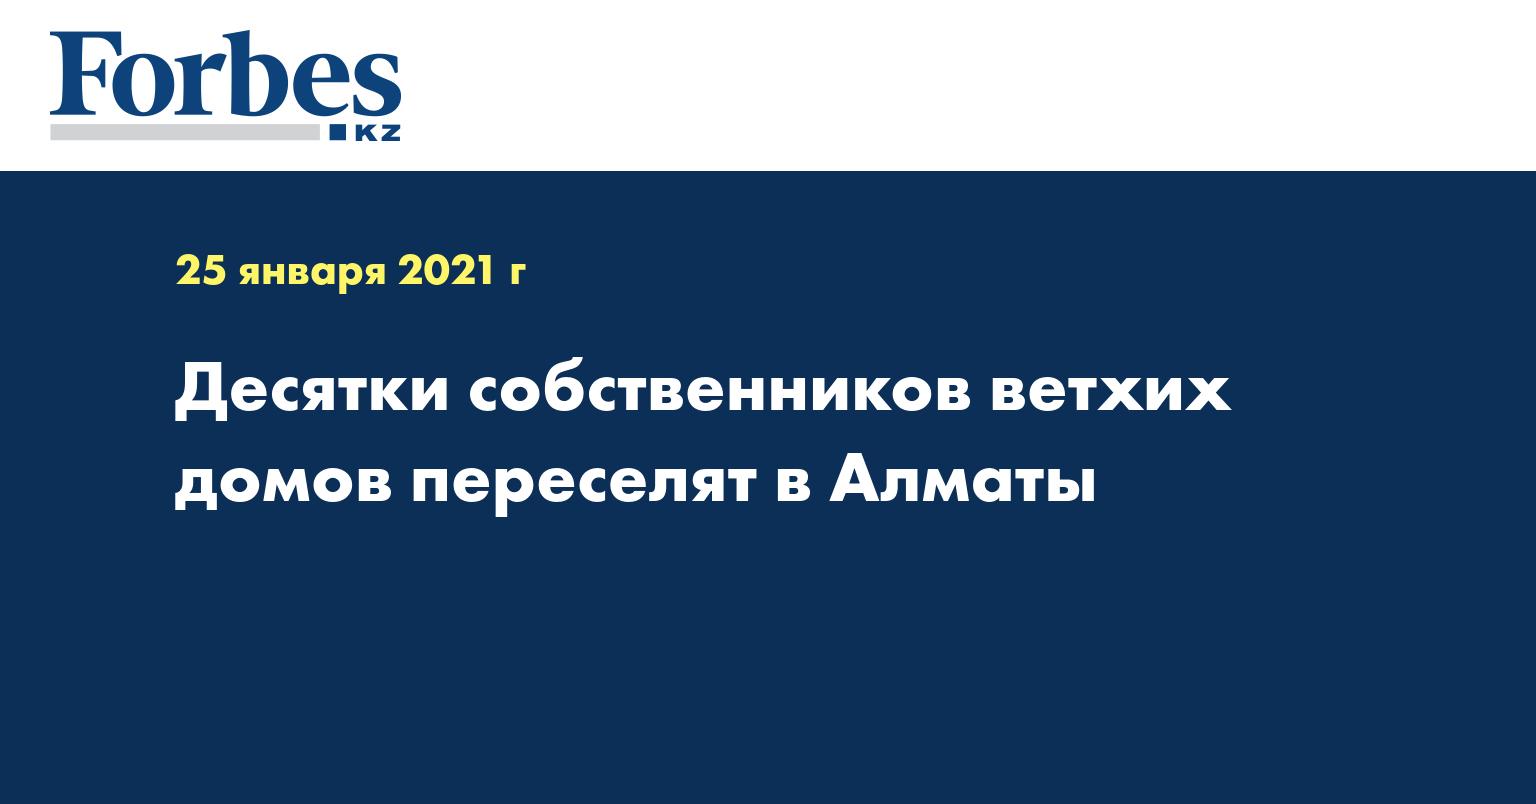 Десятки собственников ветхих домов переселят в Алматы